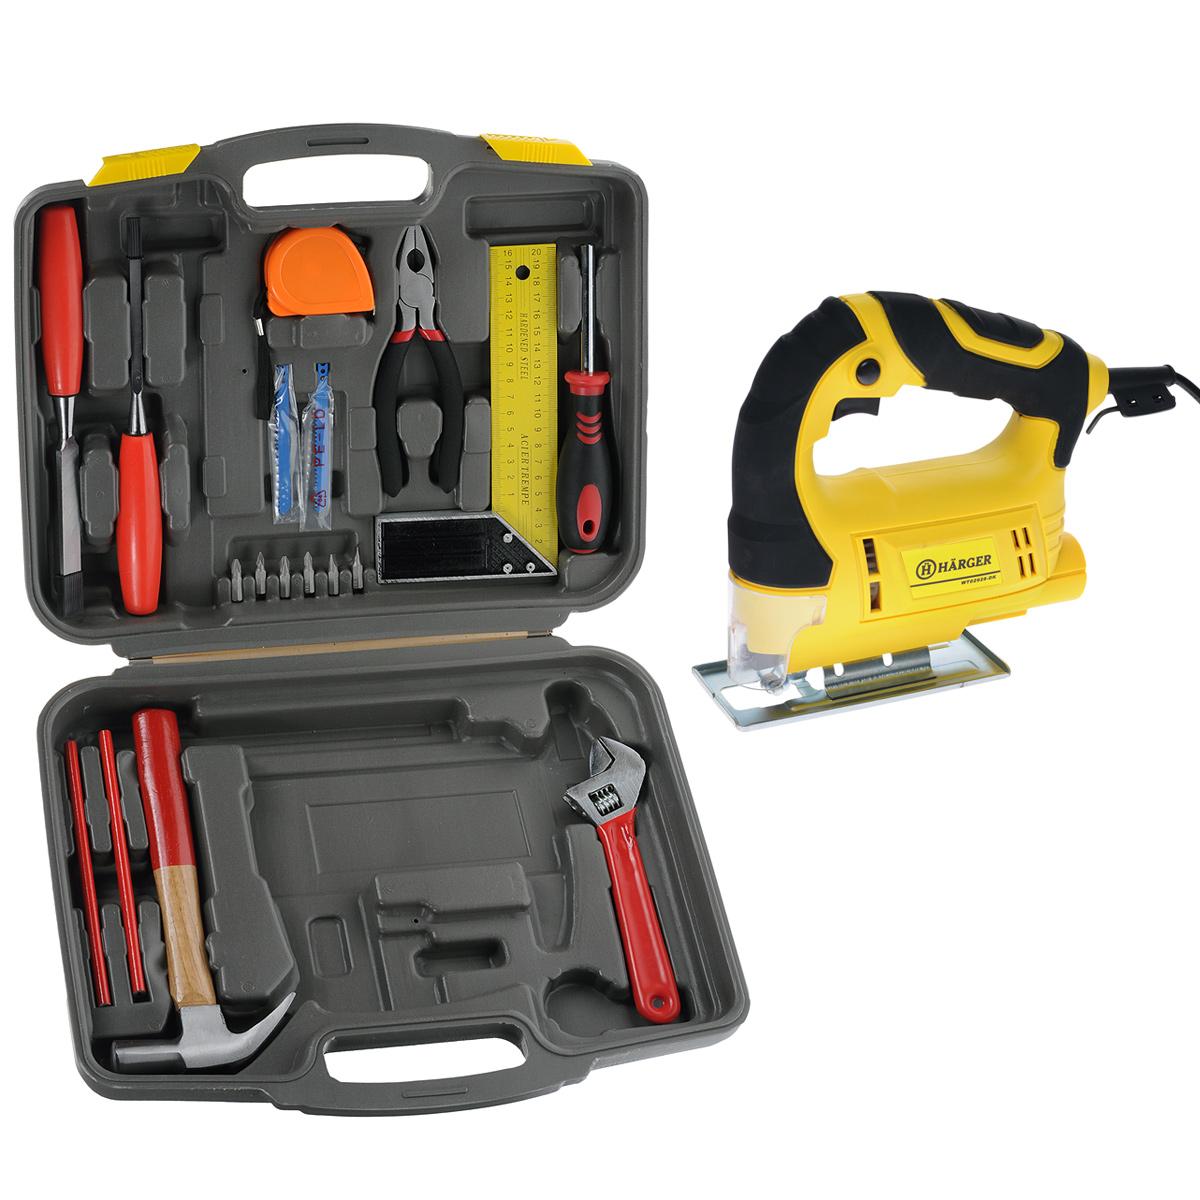 Электролобзик Harger WT02928-DK + набор инструментов в подарок